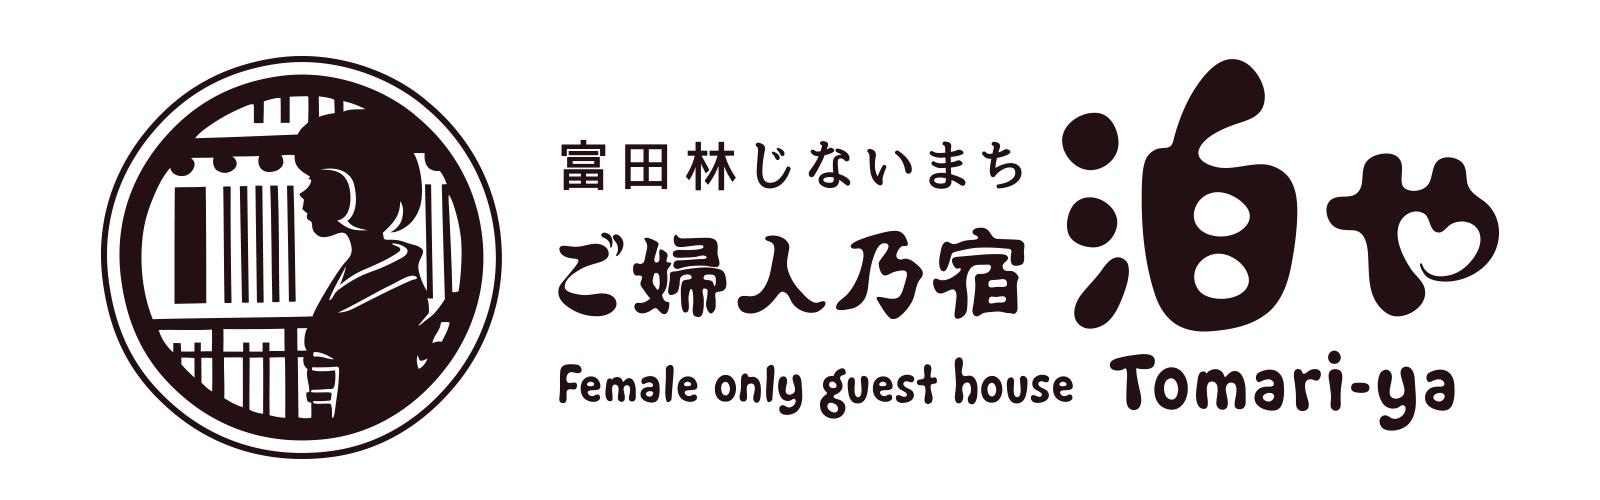 ご婦人乃宿 泊や(大阪・富田林)